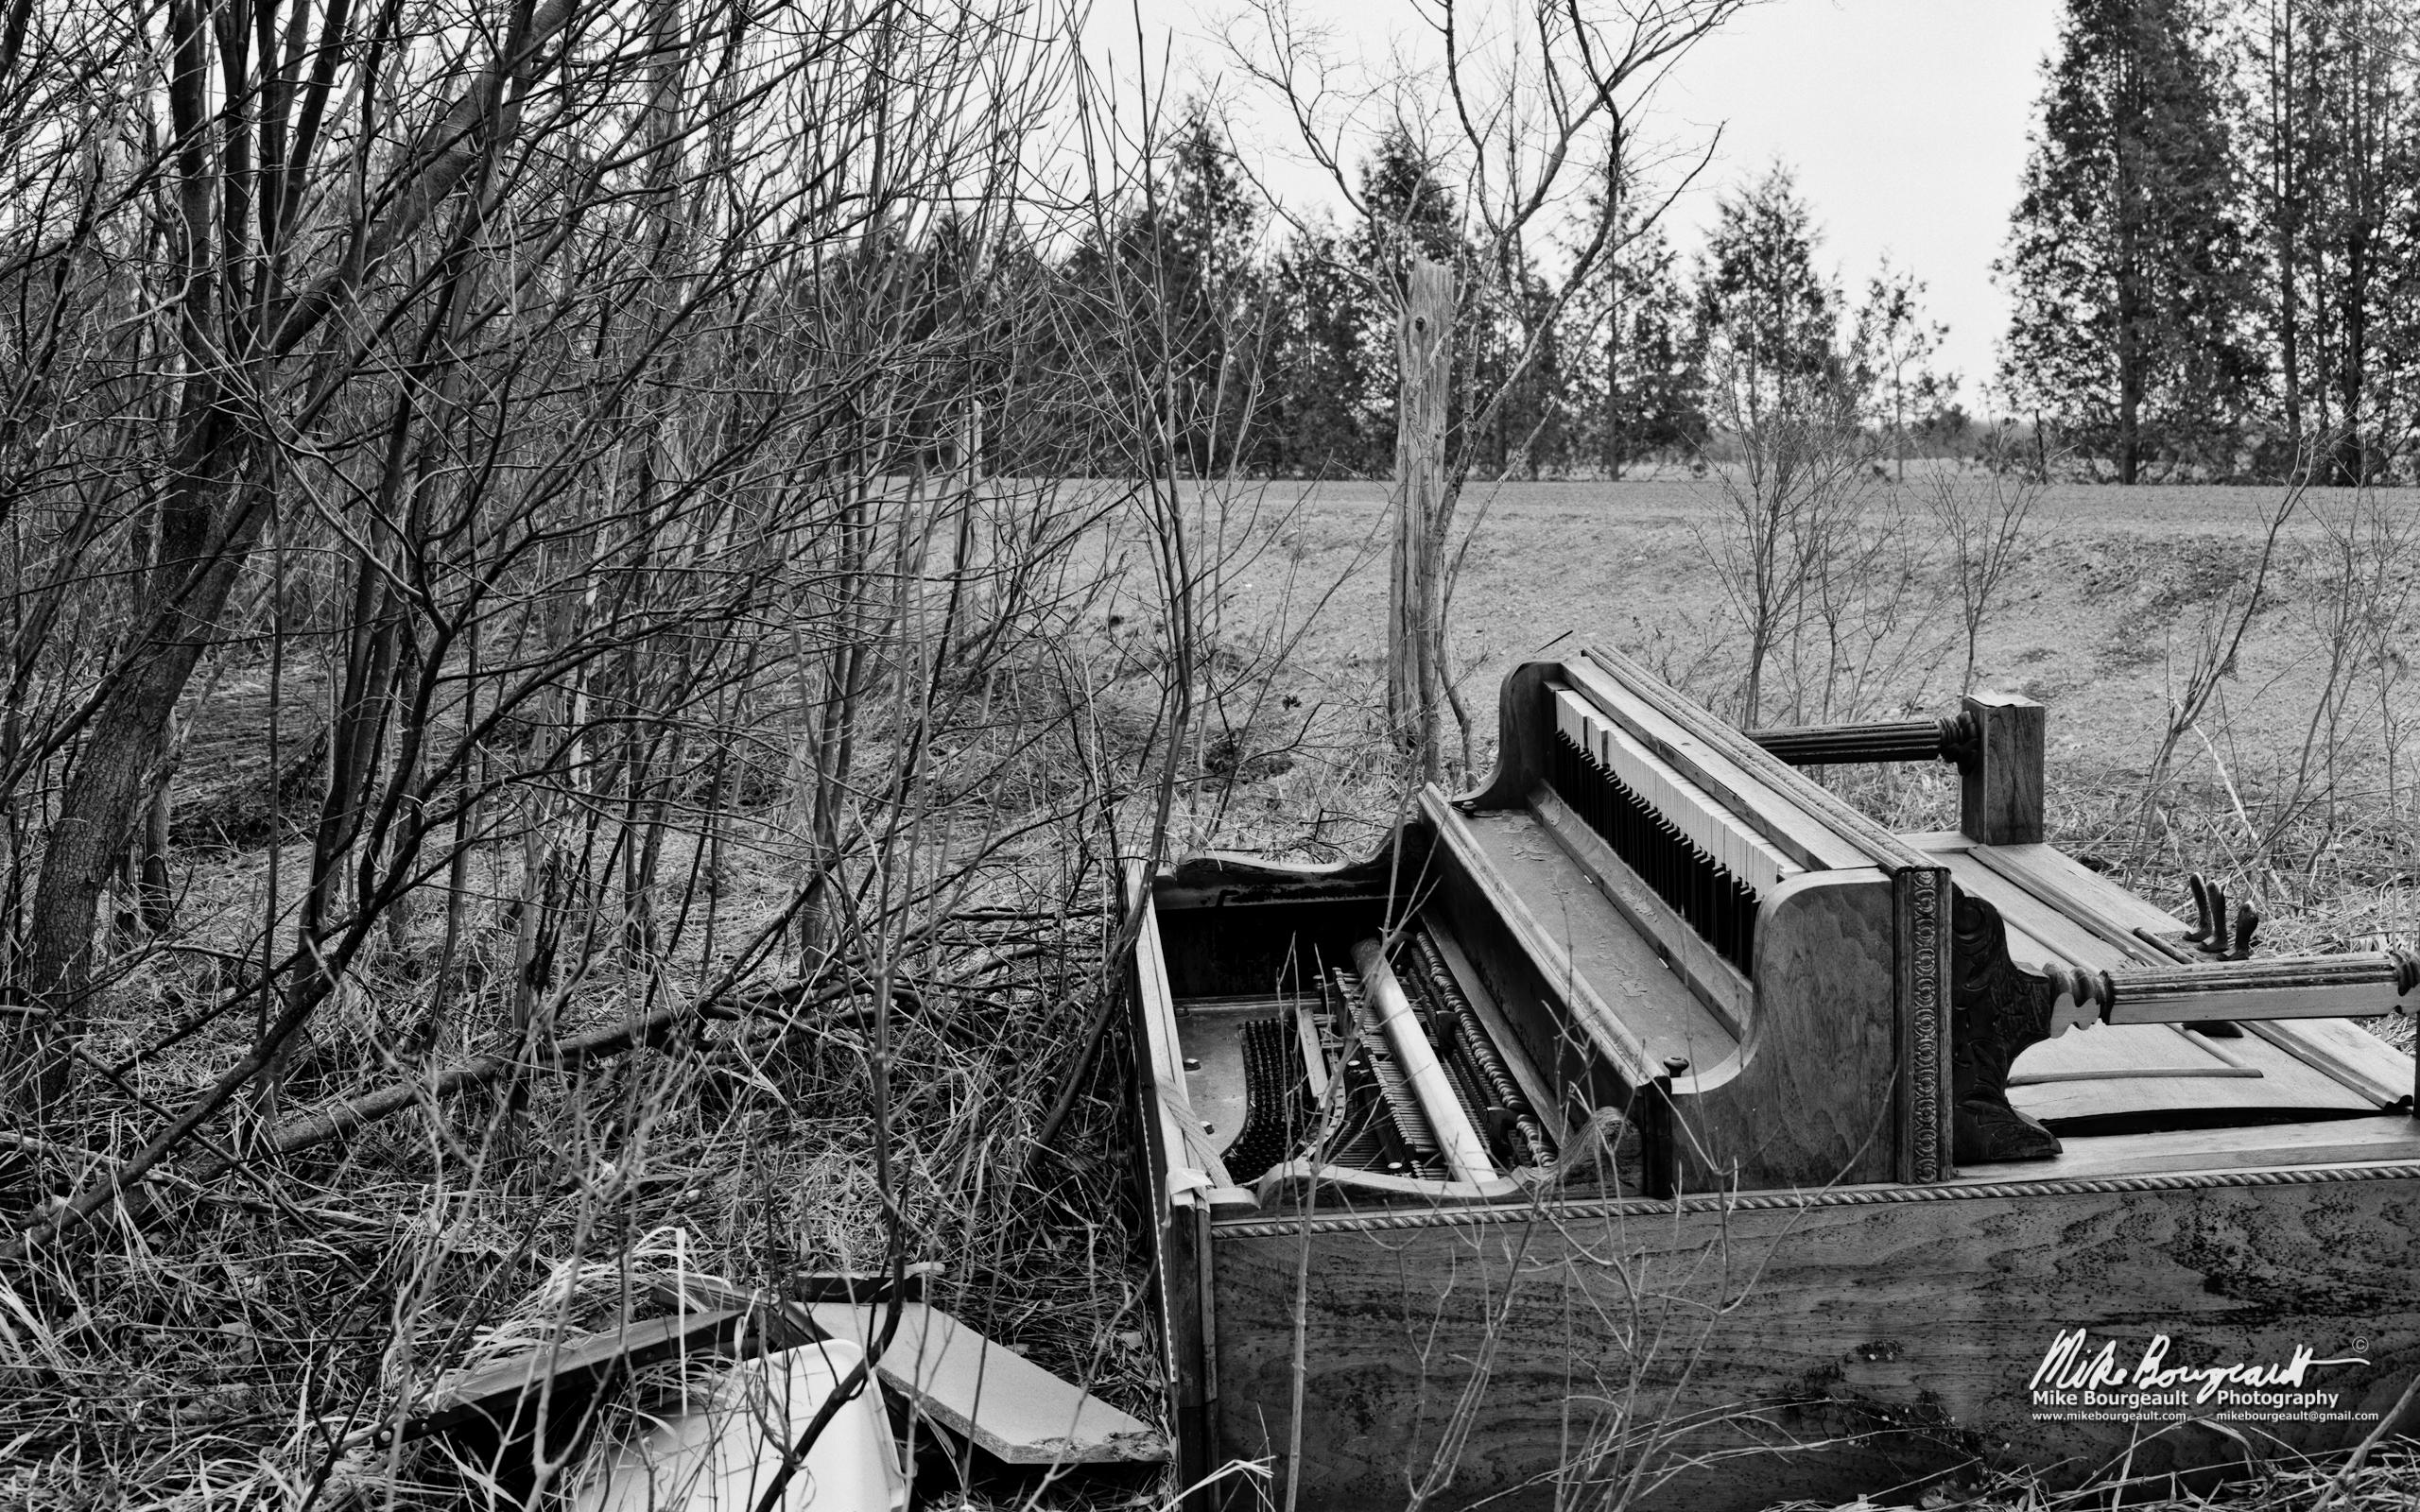 July 11, 2012 – Forgotten Piano